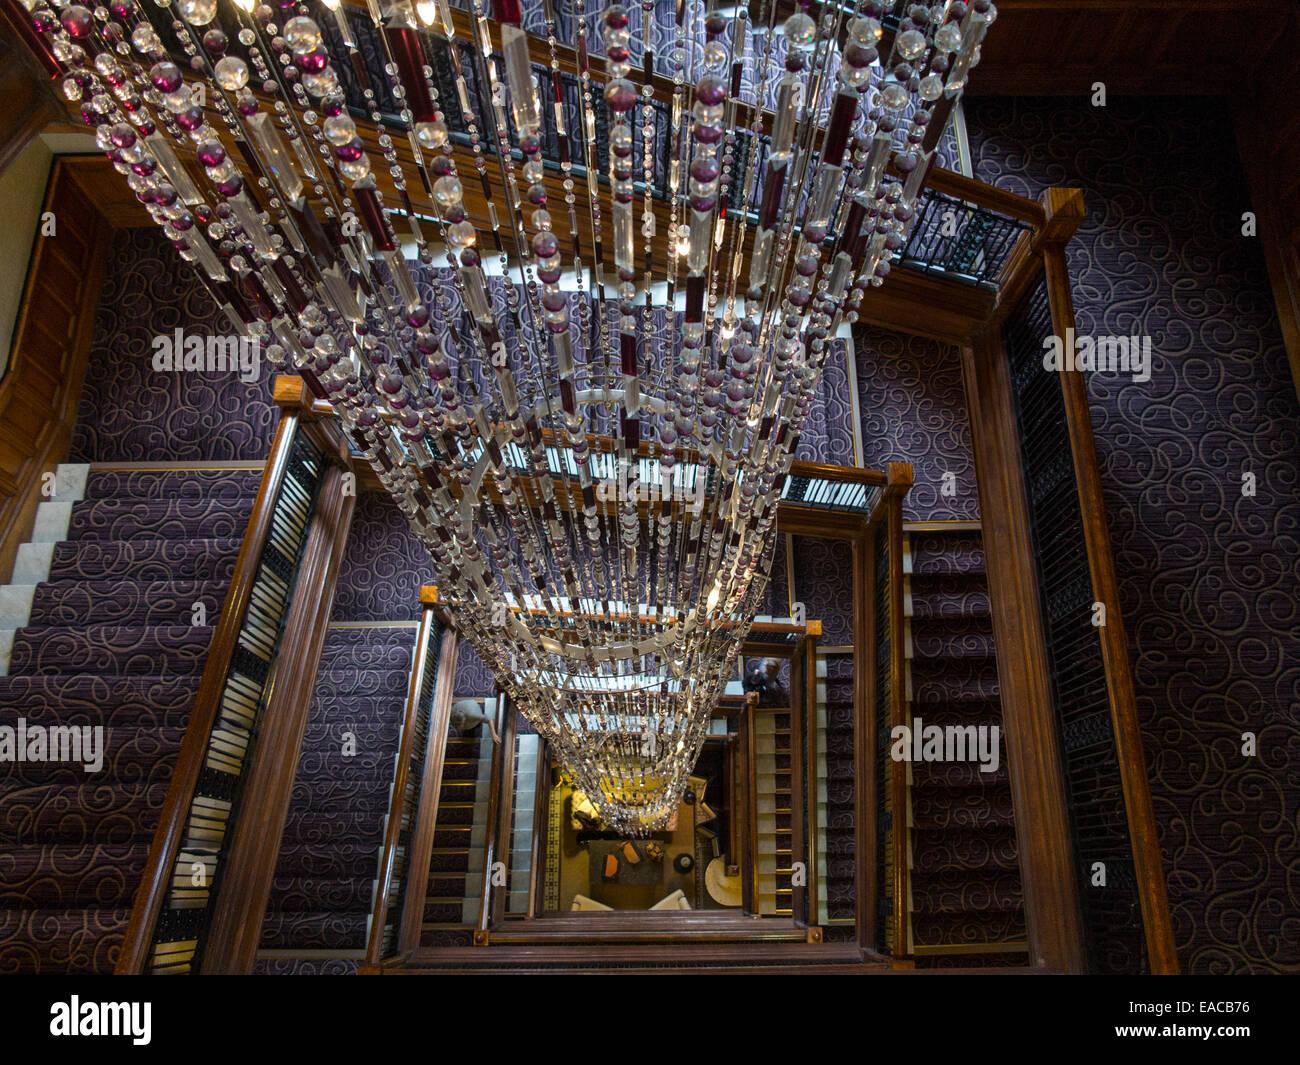 Kristall Perlen Kronleuchter ~ Ein riesiger kronleuchter in einem hotel bestehend aus kristallen